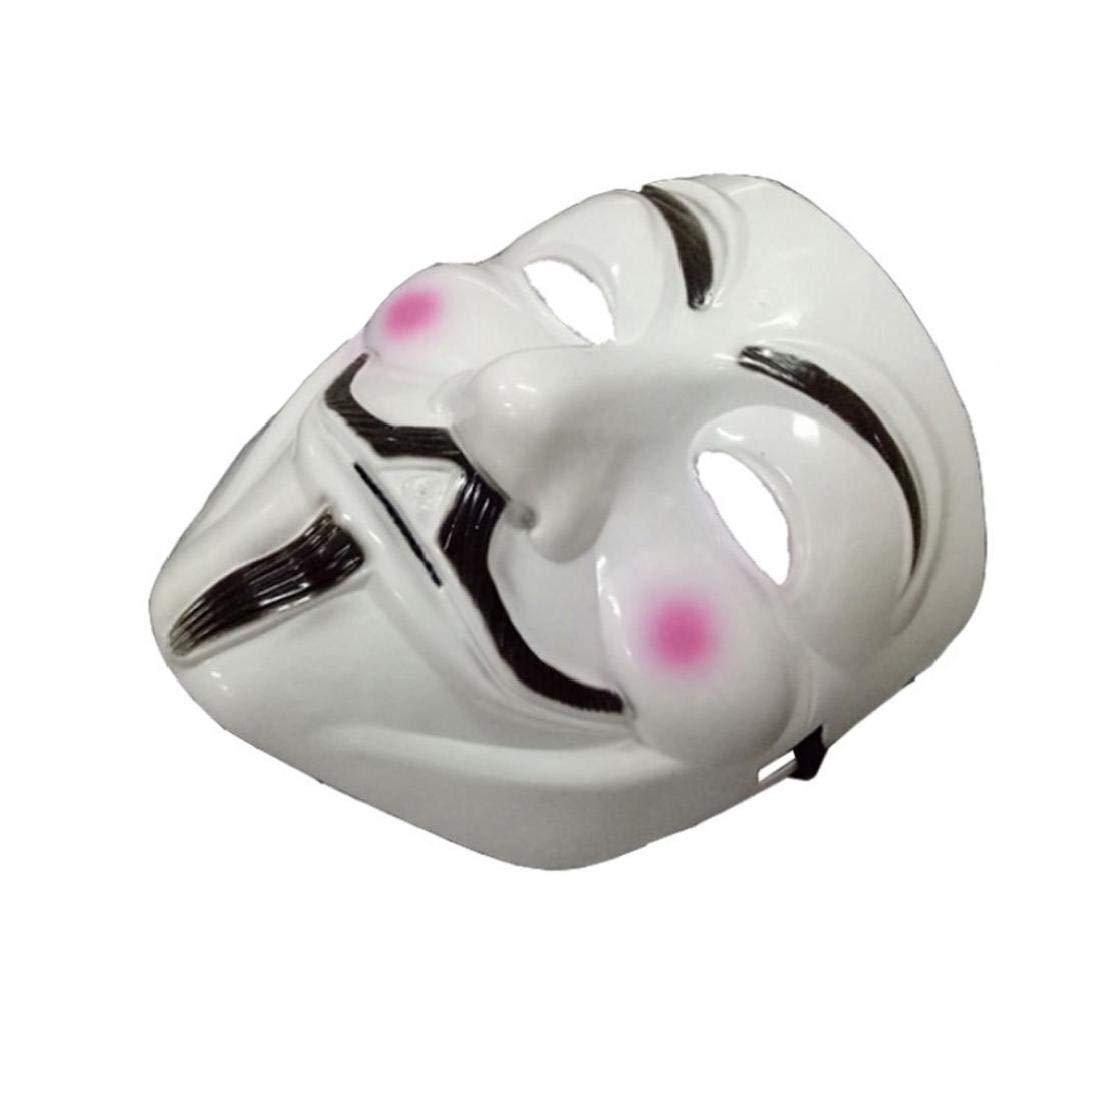 Beito Mascherine del Partito V per Vendetta Maschera Viso Maschera Intera Anonymous Guy Fawkes di Travestimento di Halloween del Partito per Il Partito